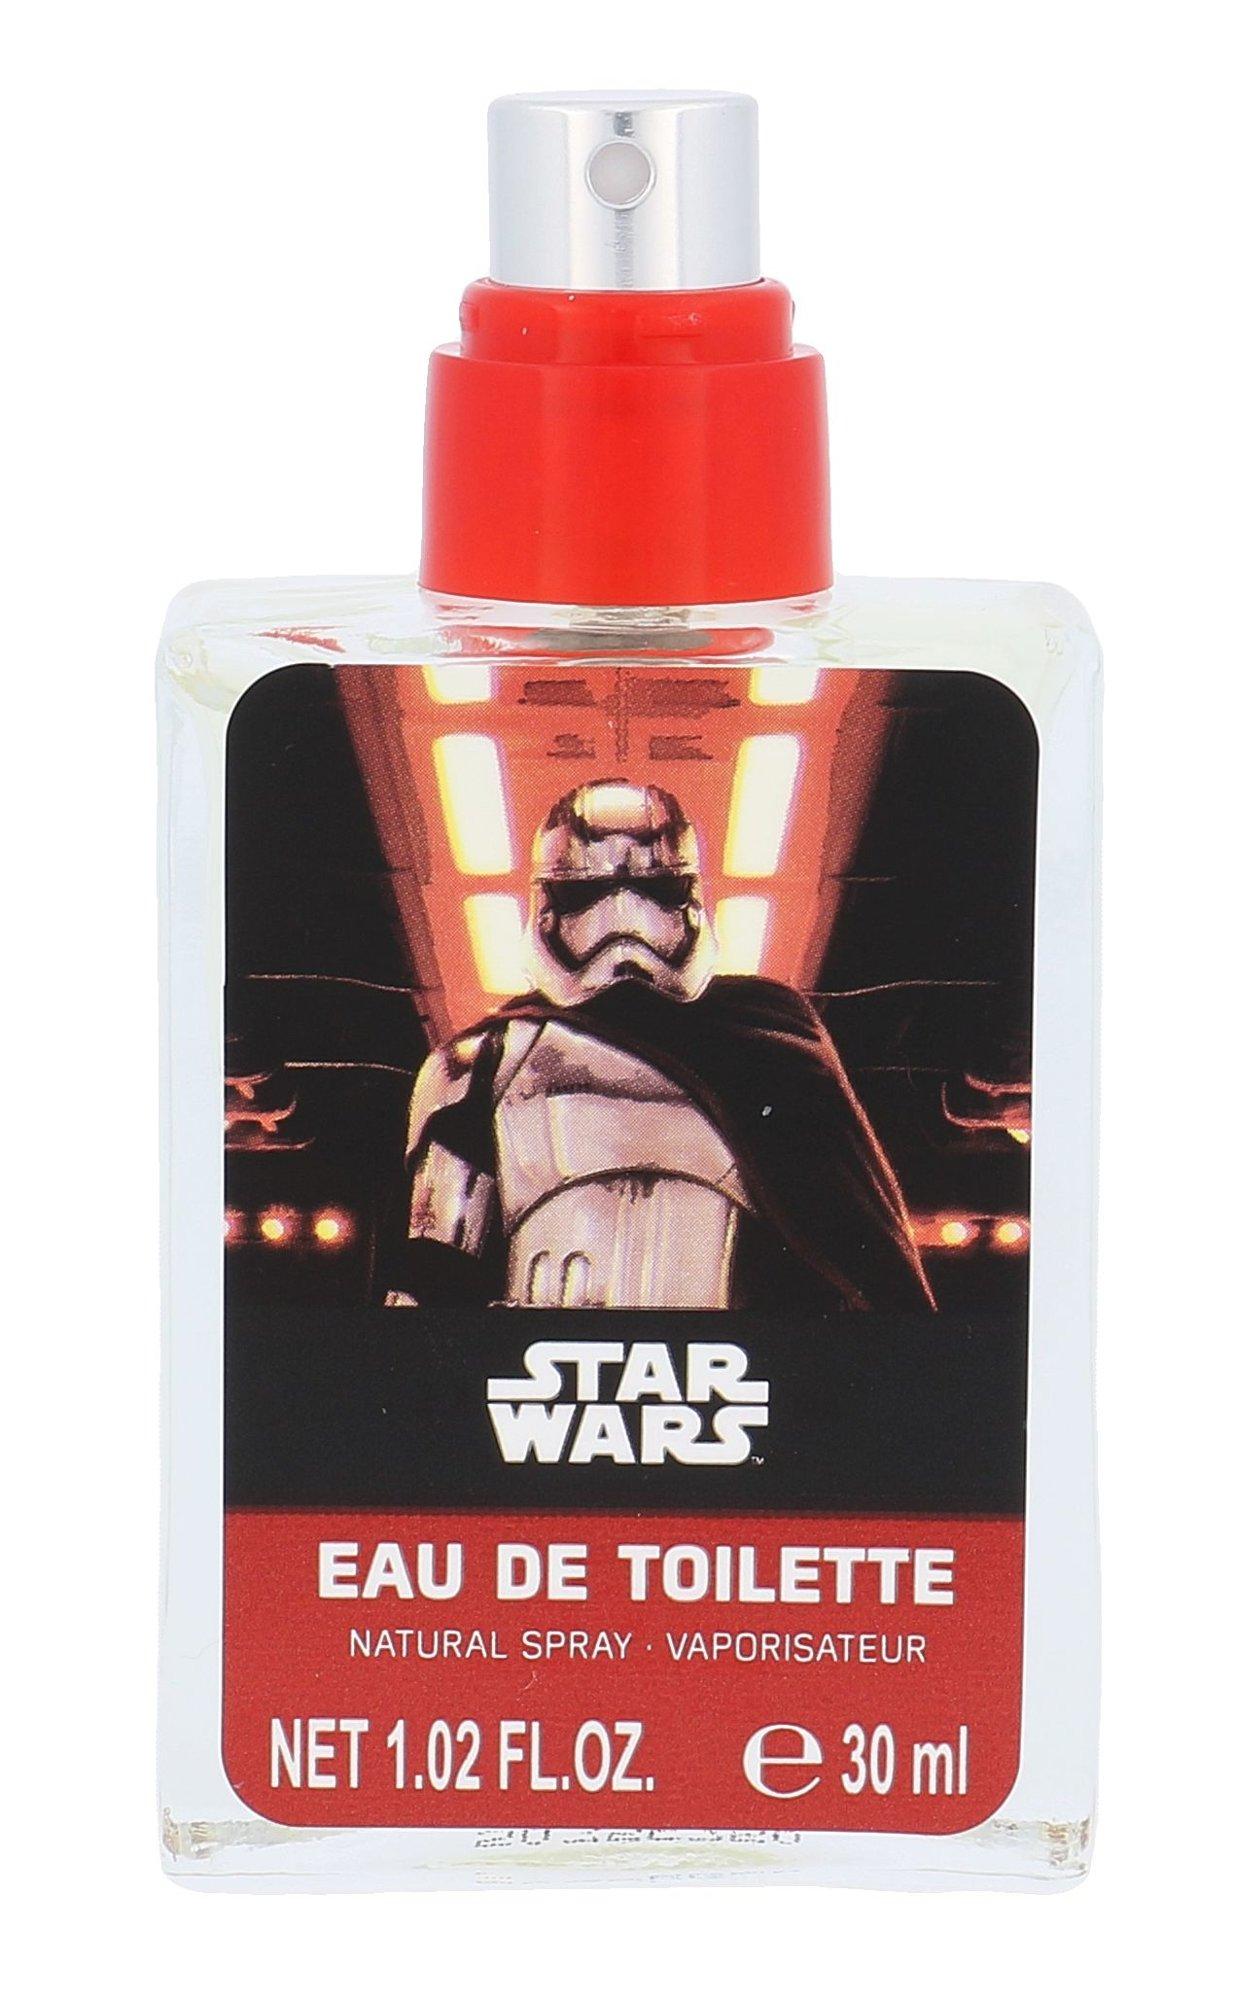 Star Wars Star Wars Captain Phasma EDT 30ml